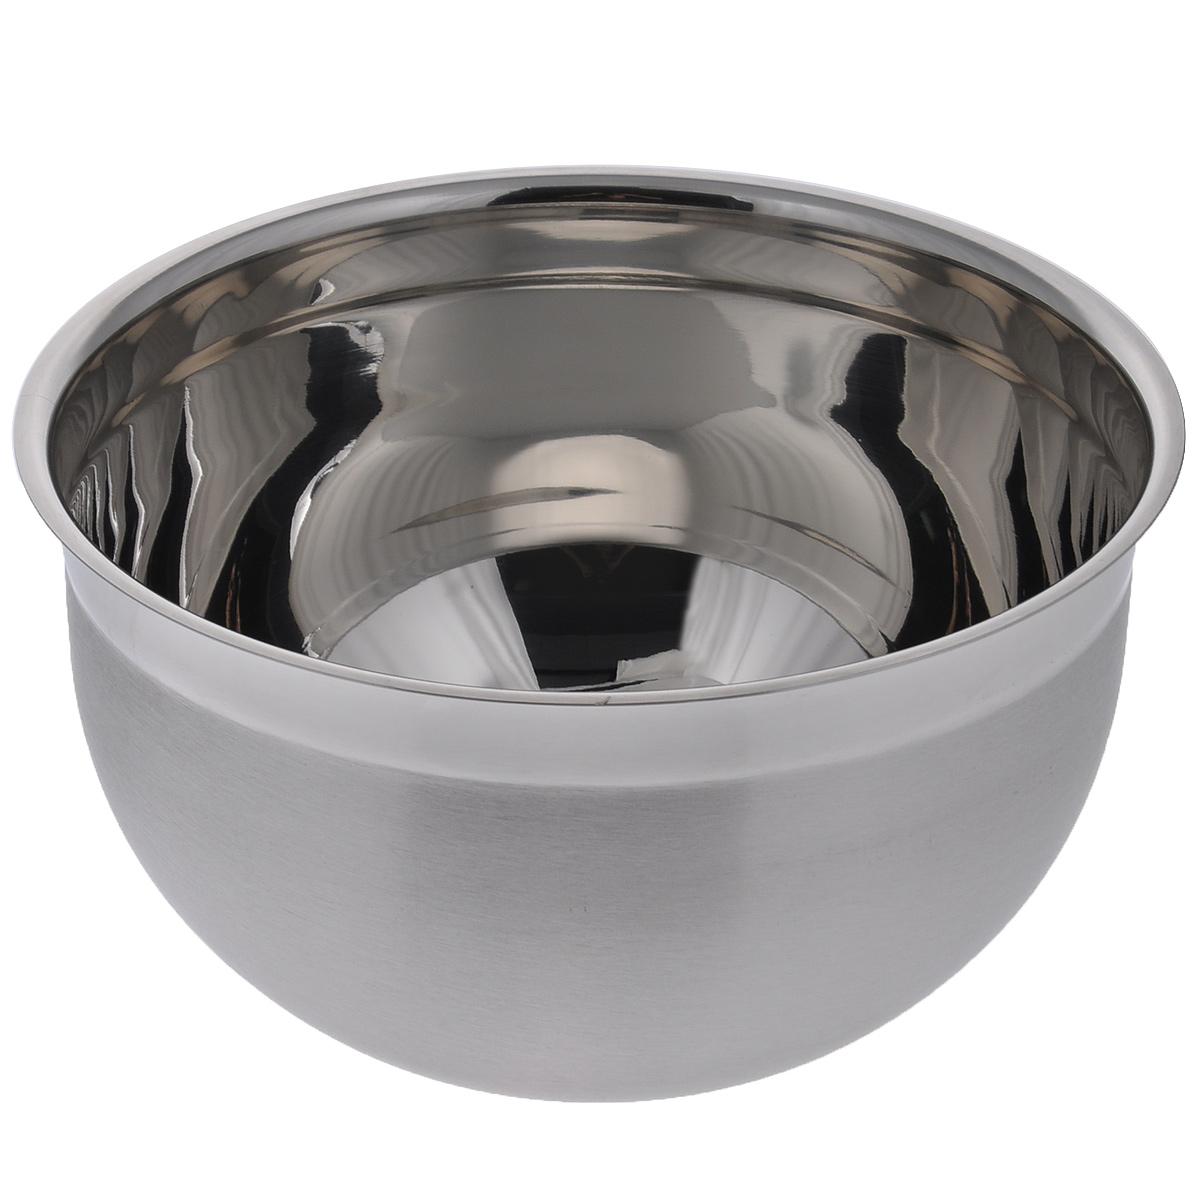 Миска Tescoma Delicia, диаметр 28 см630393Миска Tescoma Delicia, изготовленная из высококачественной нержавеющей стали, просто незаменимая вещь на кухне любой современной хозяйки. С ней приготовление и употребление пищи переходит на качественно новый уровень. Вы сможете использовать ее для замешивания теста, приготовления салата, мытья овощей и многих других кулинарных операций.Можно мыть в посудомоечной машине.